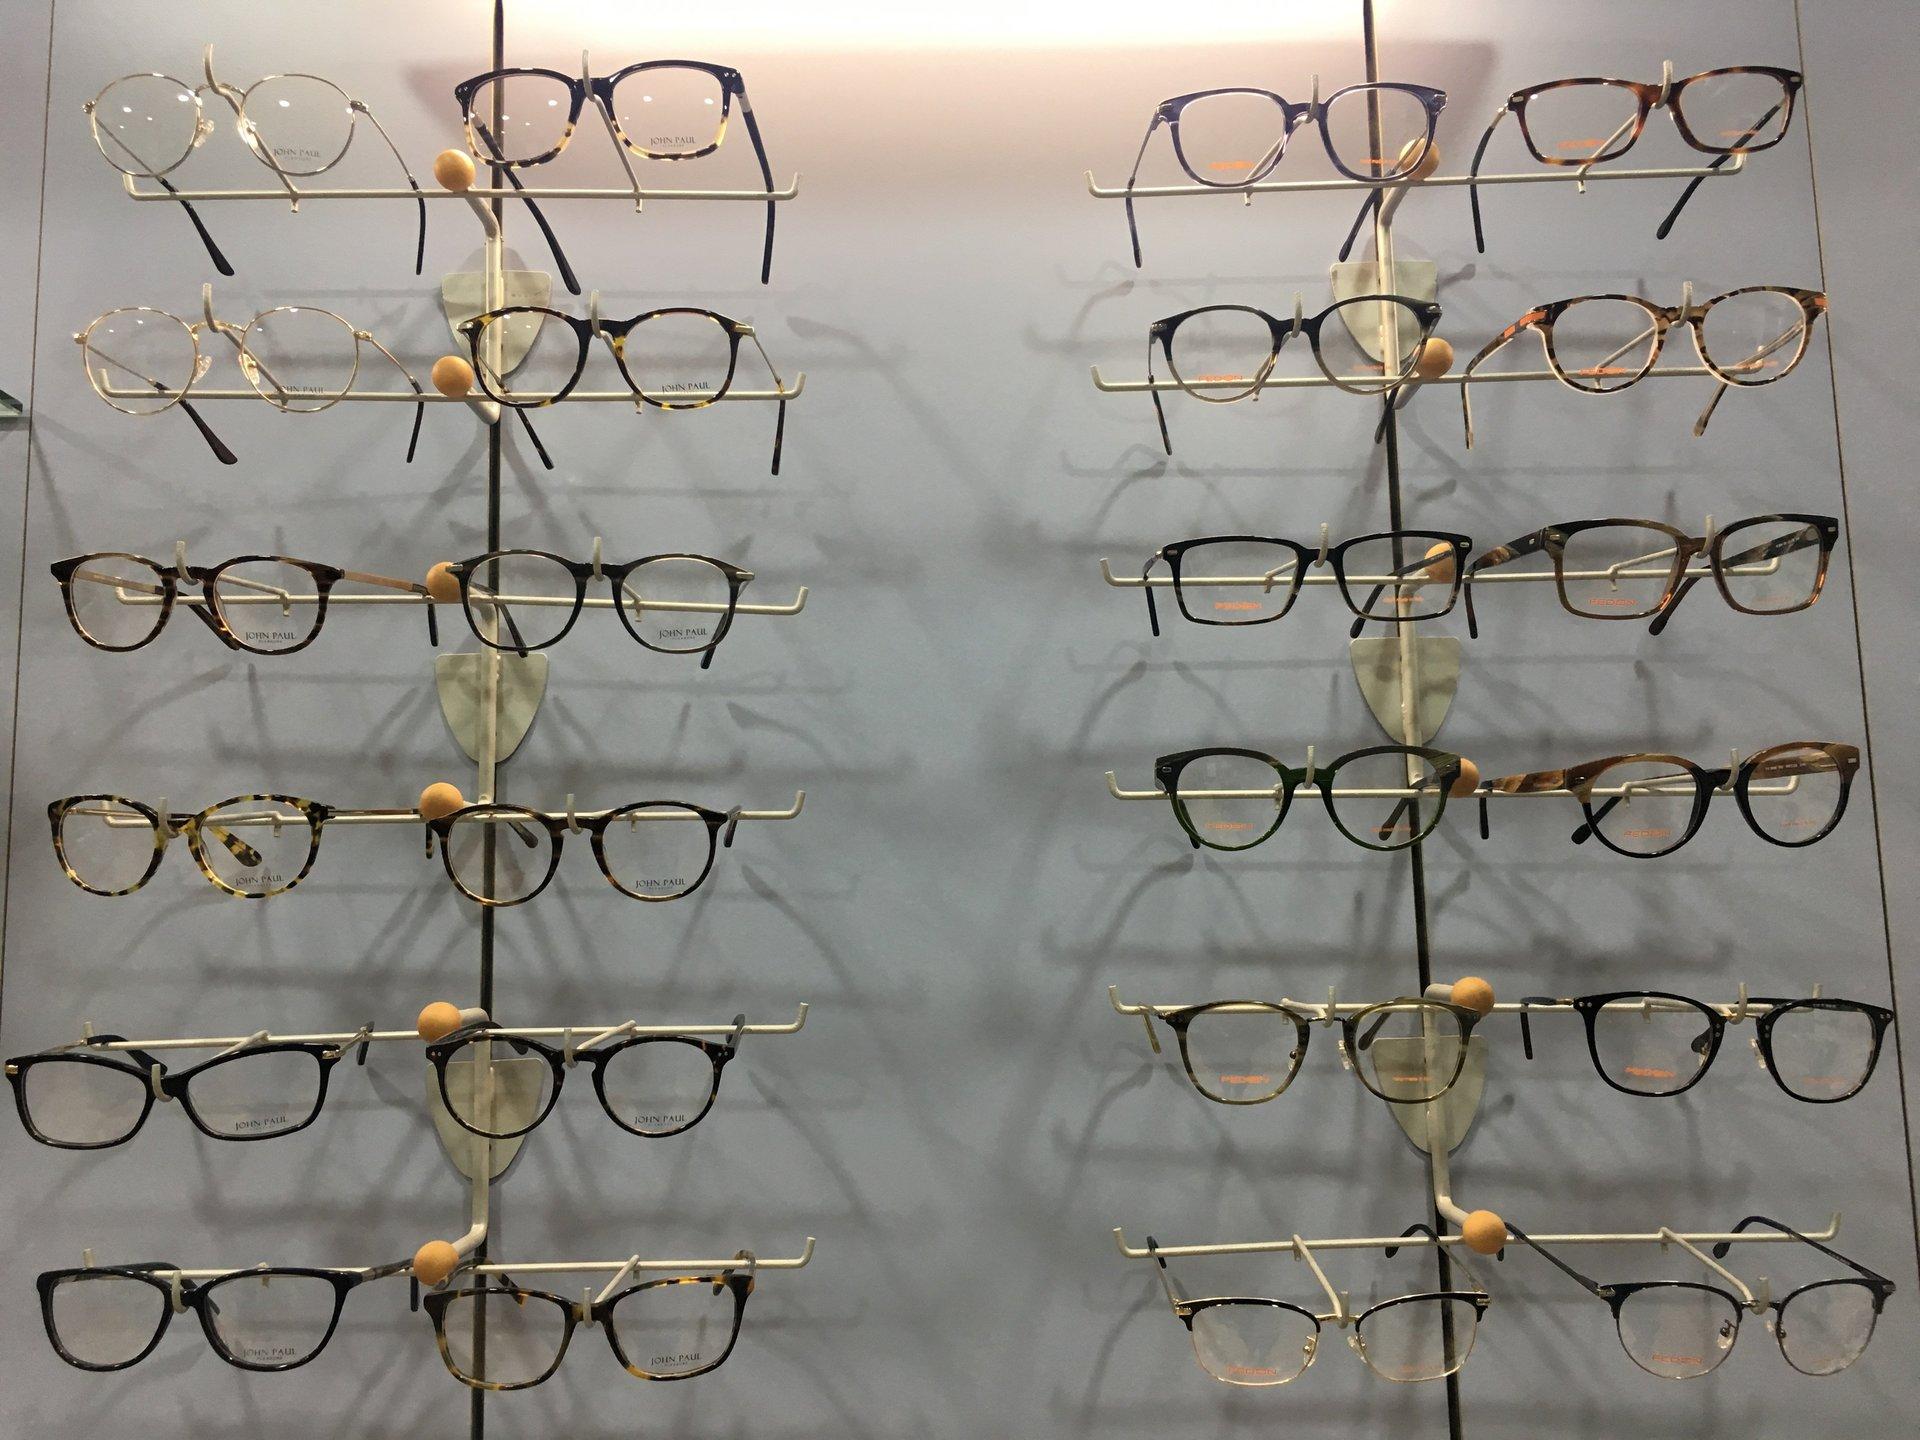 parete con occhiali da vista in esposizione